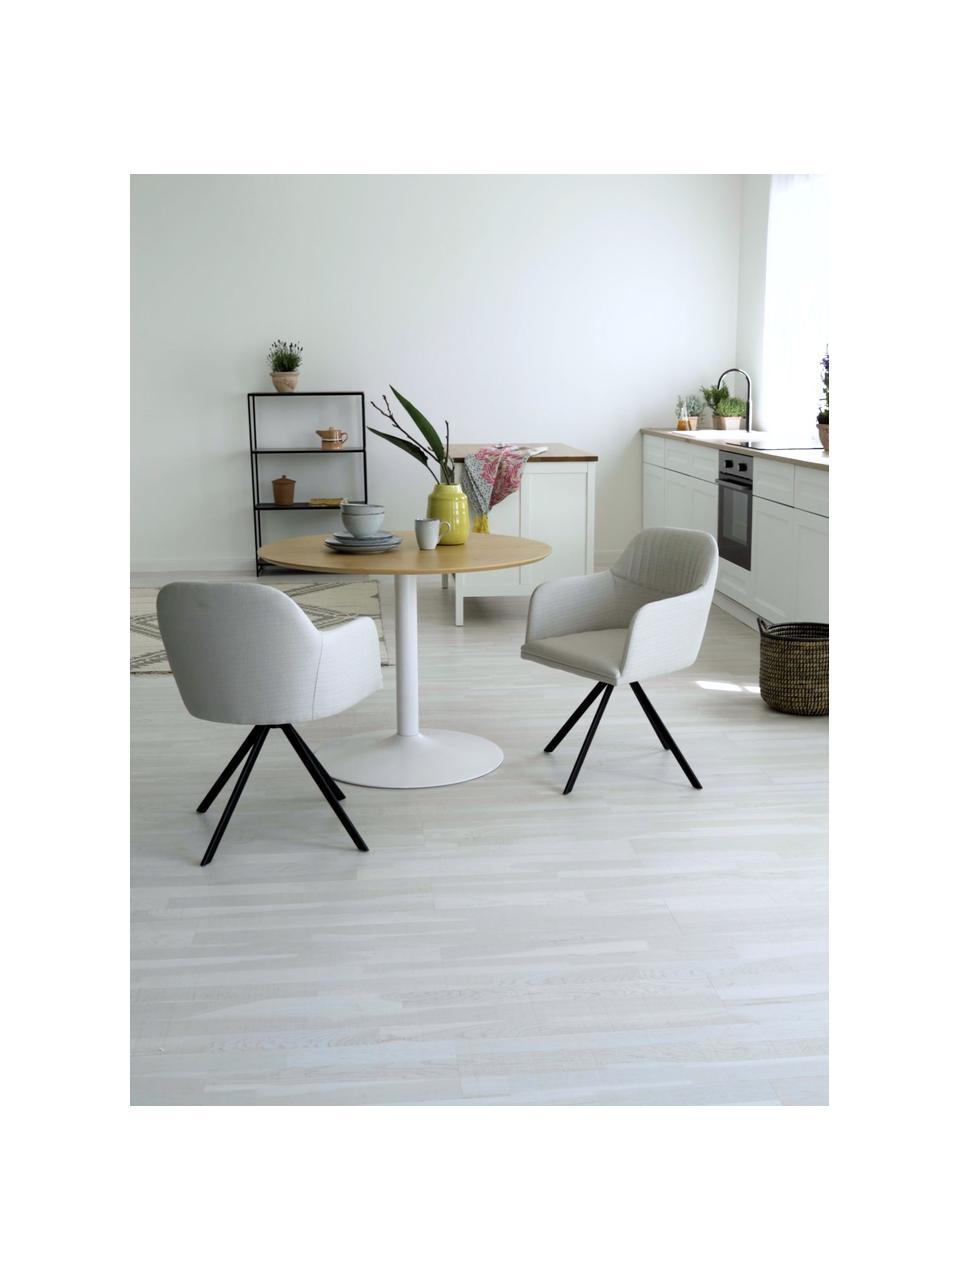 Tapicerowane krzesło z podłokietnikami Lola, obrotowe, Tapicerka: poliester, Nogi: metal malowany proszkowo, Kremowobiały, S 55 x G 52 cm